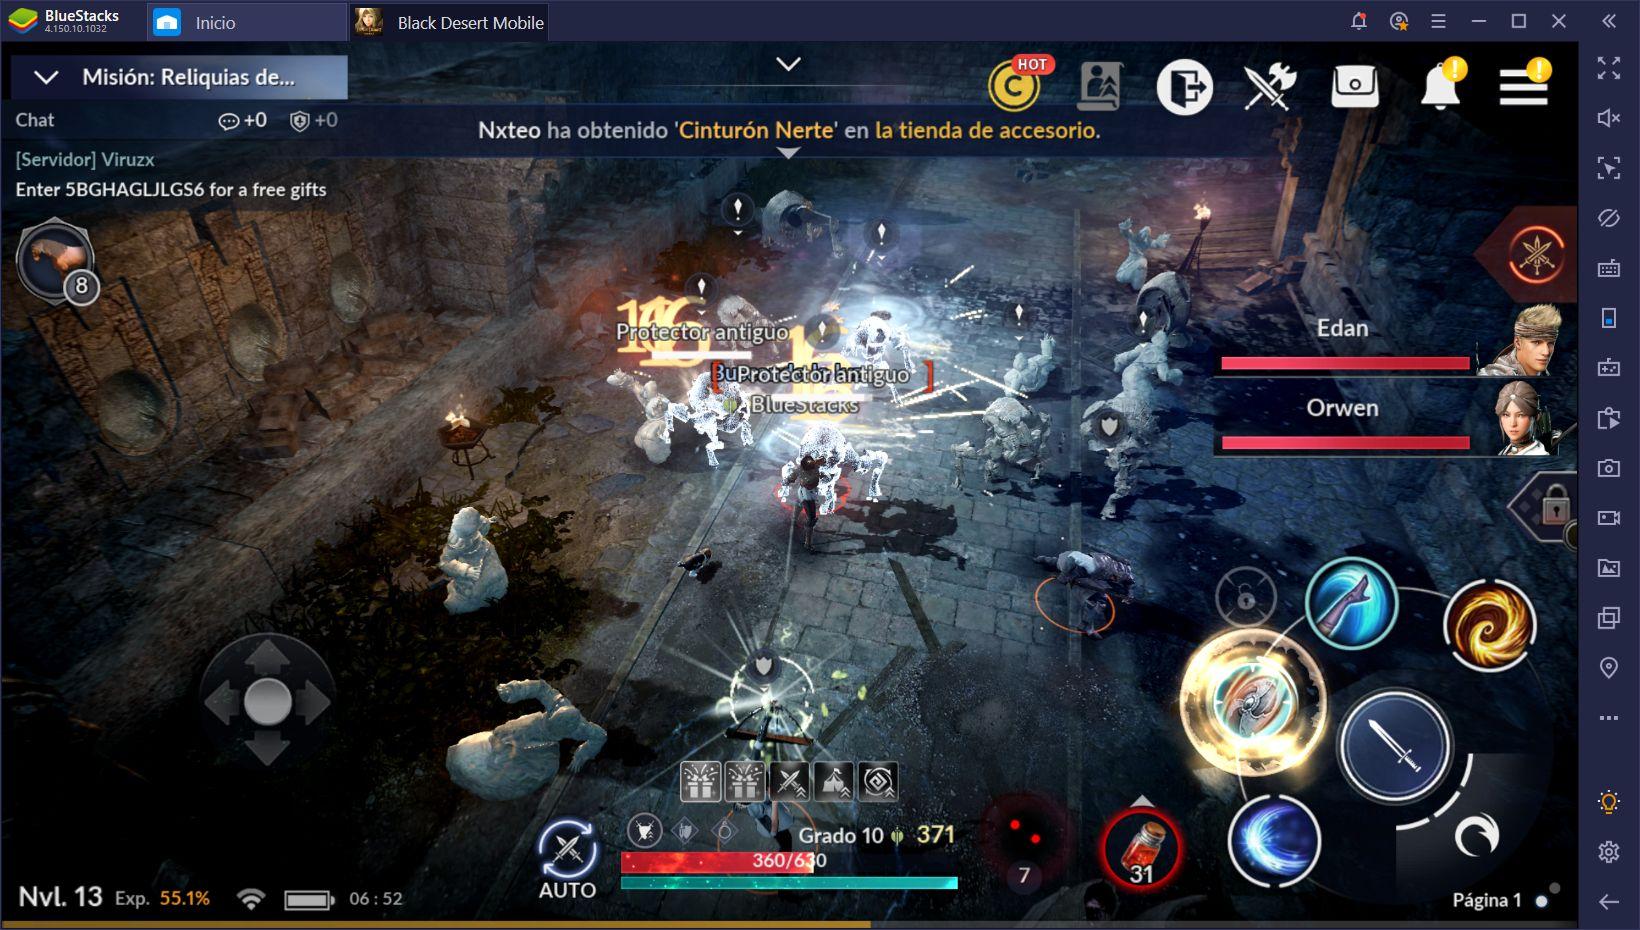 Black Desert Mobile en PC – Guía de Combate Para Principiantes